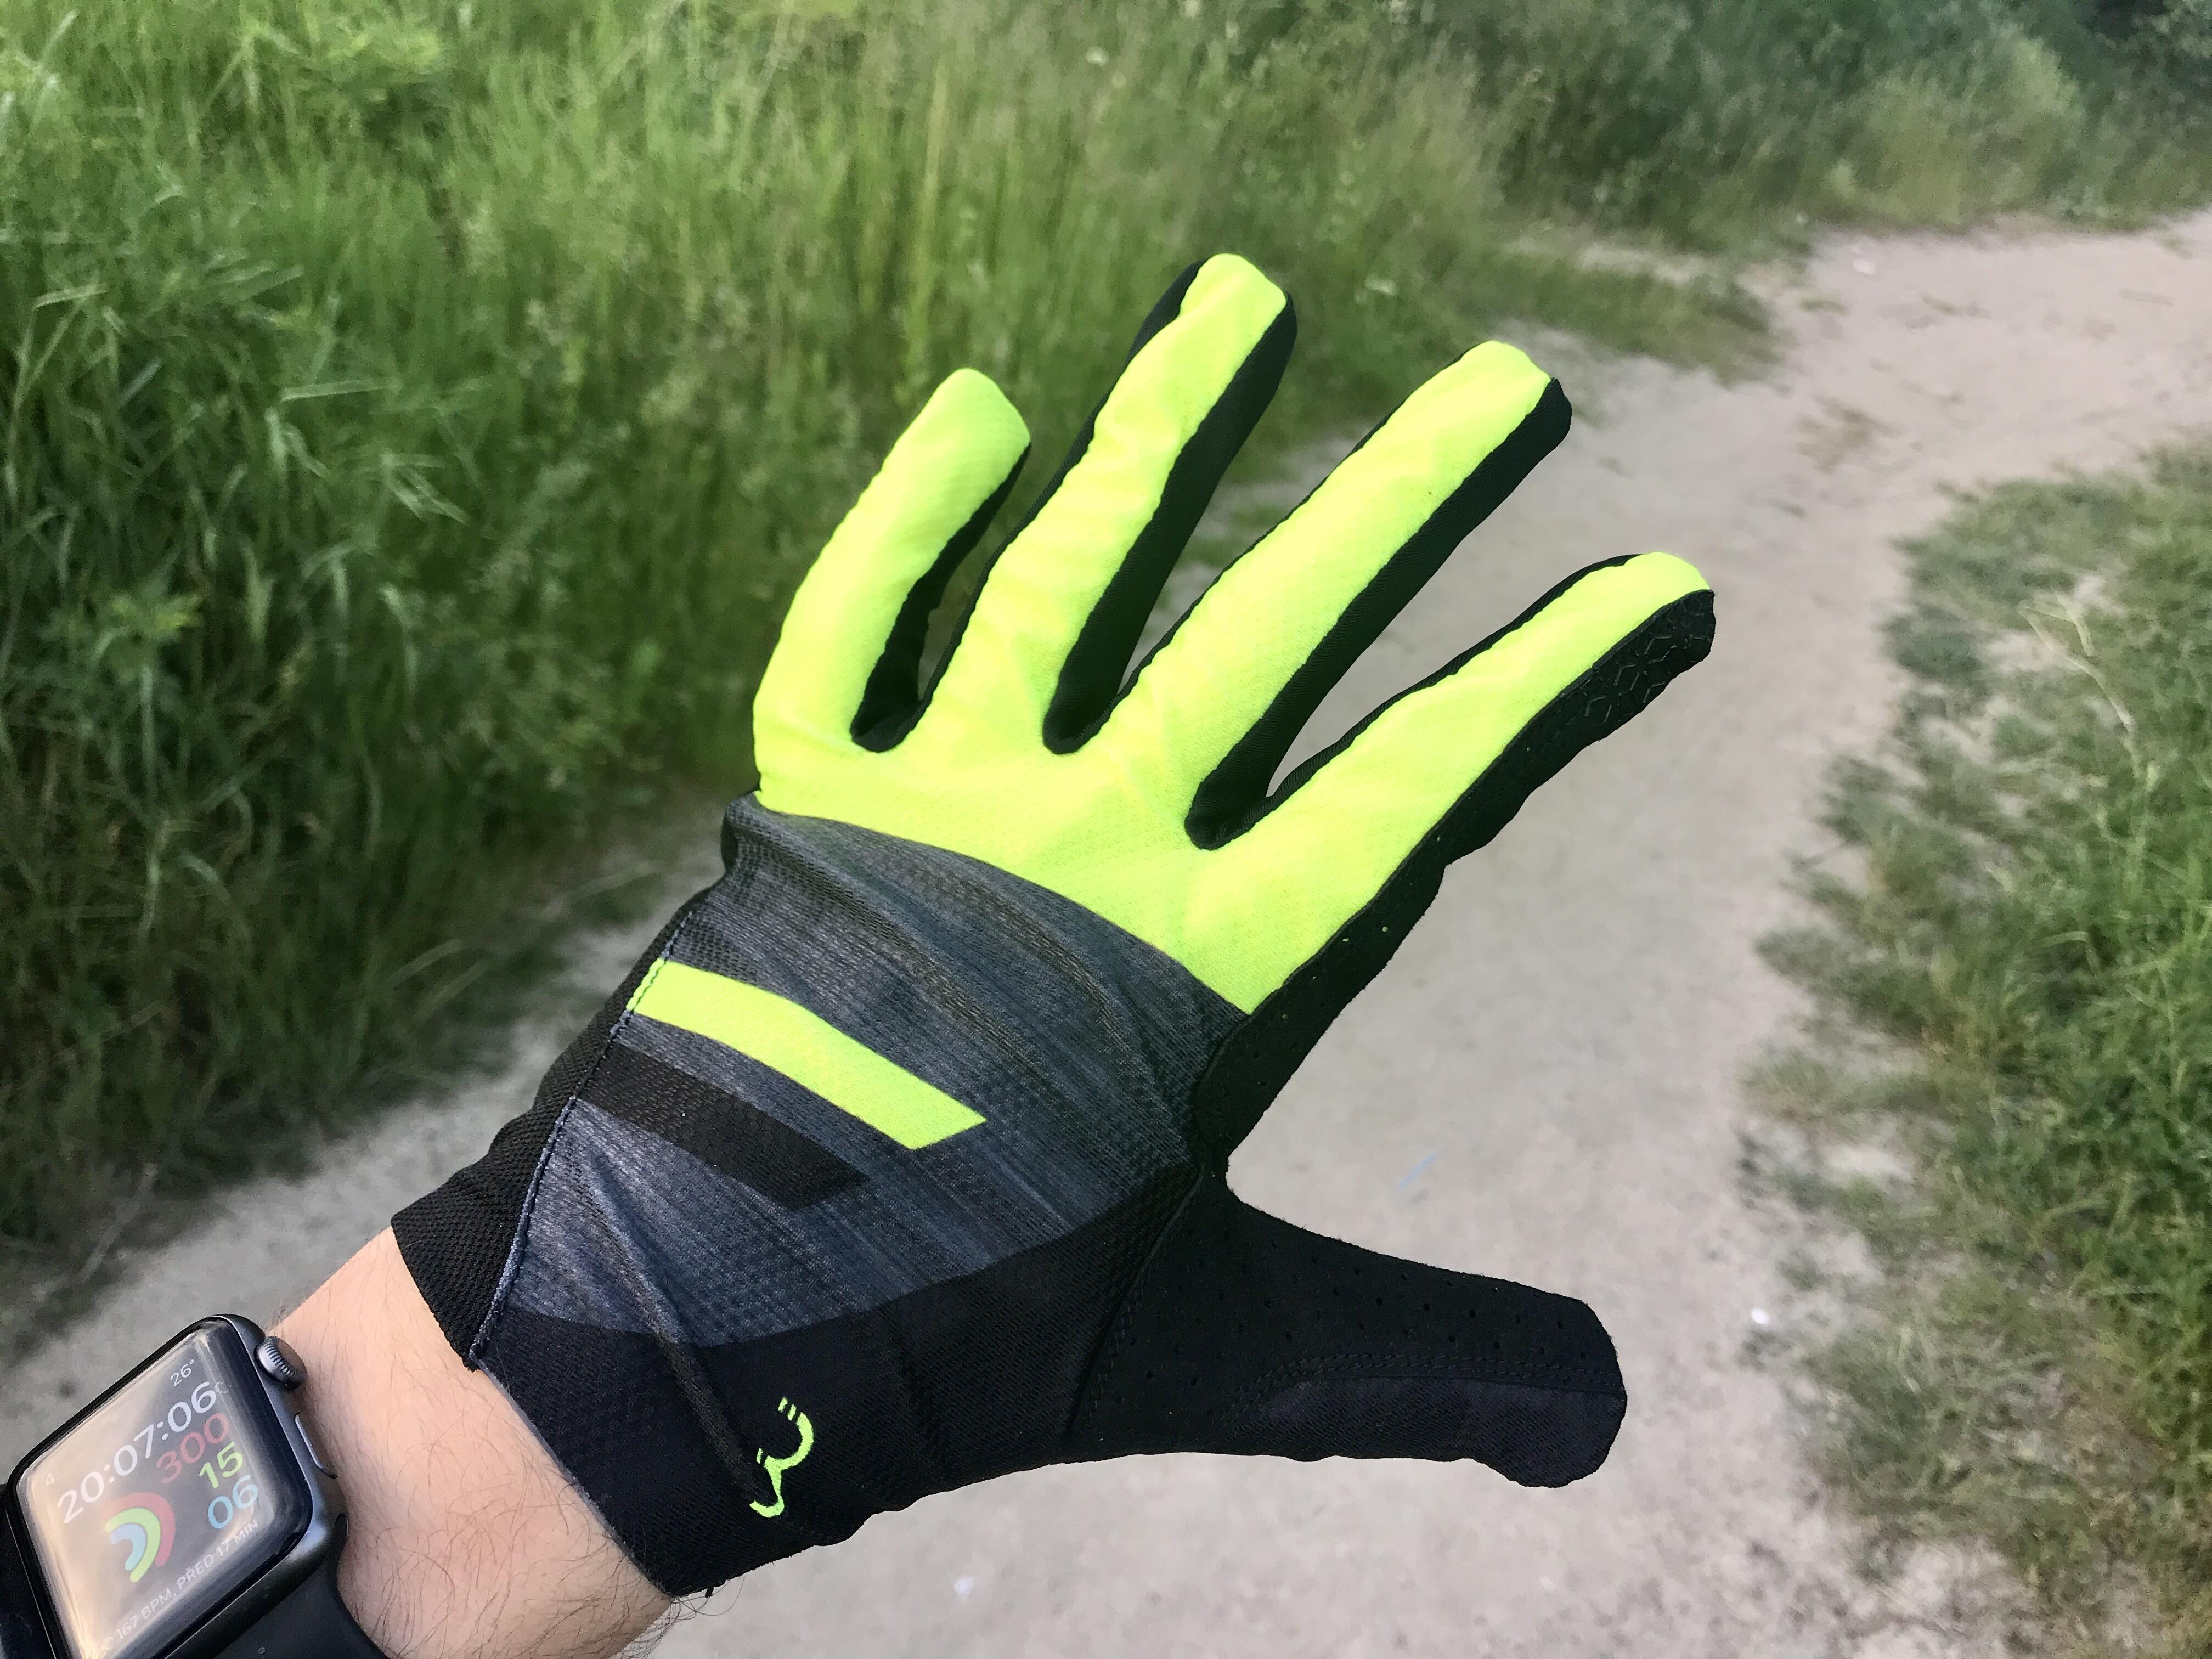 RECENZE: MTB rukavice BBB BBW-54 sází na jednoduchost